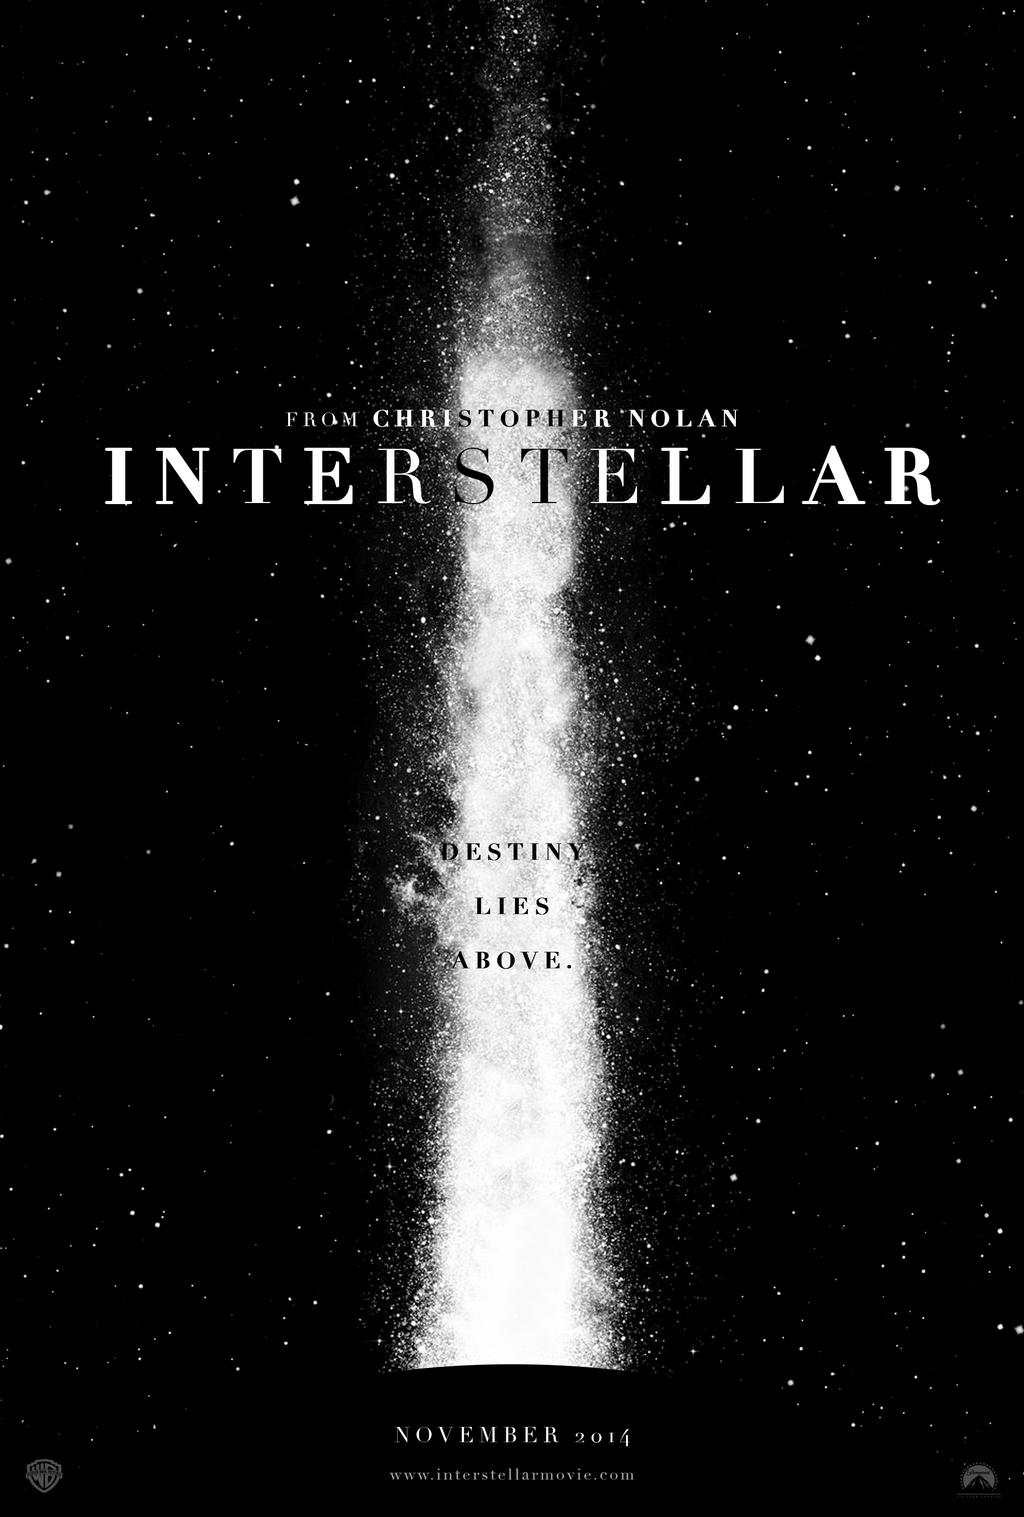 Latest Trailer for Christopher Nolan's 'Interstellar'